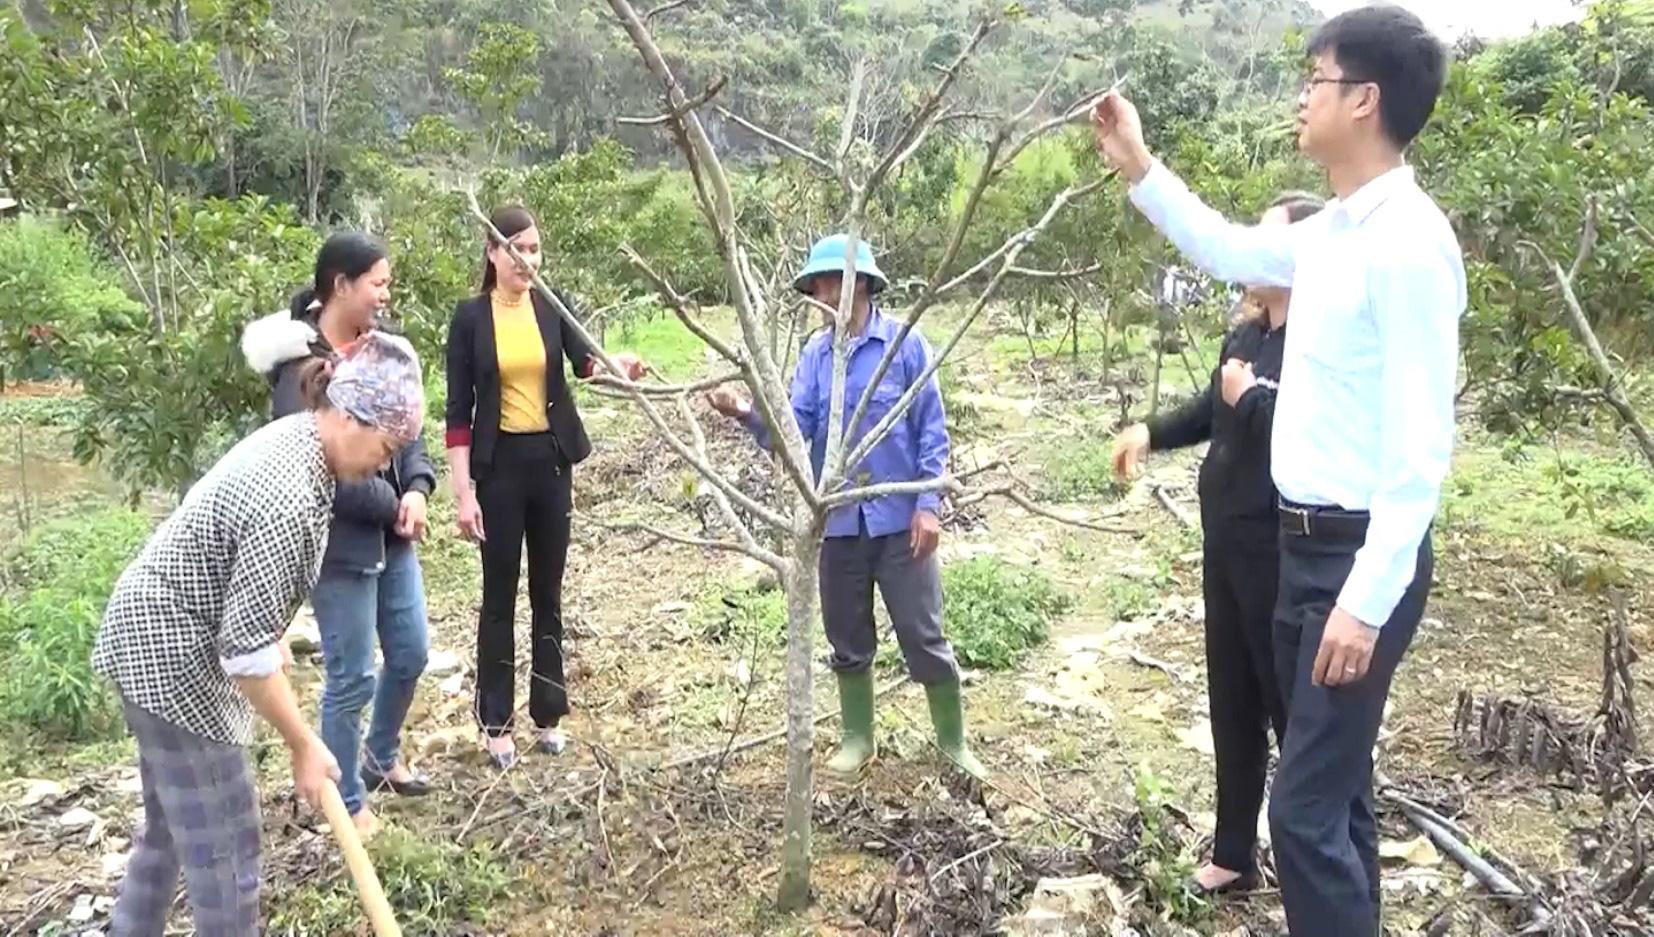 Yên Bái: Triển vọng từ mô hình trồng na ở huyện Văn Chấn - Ảnh 2.